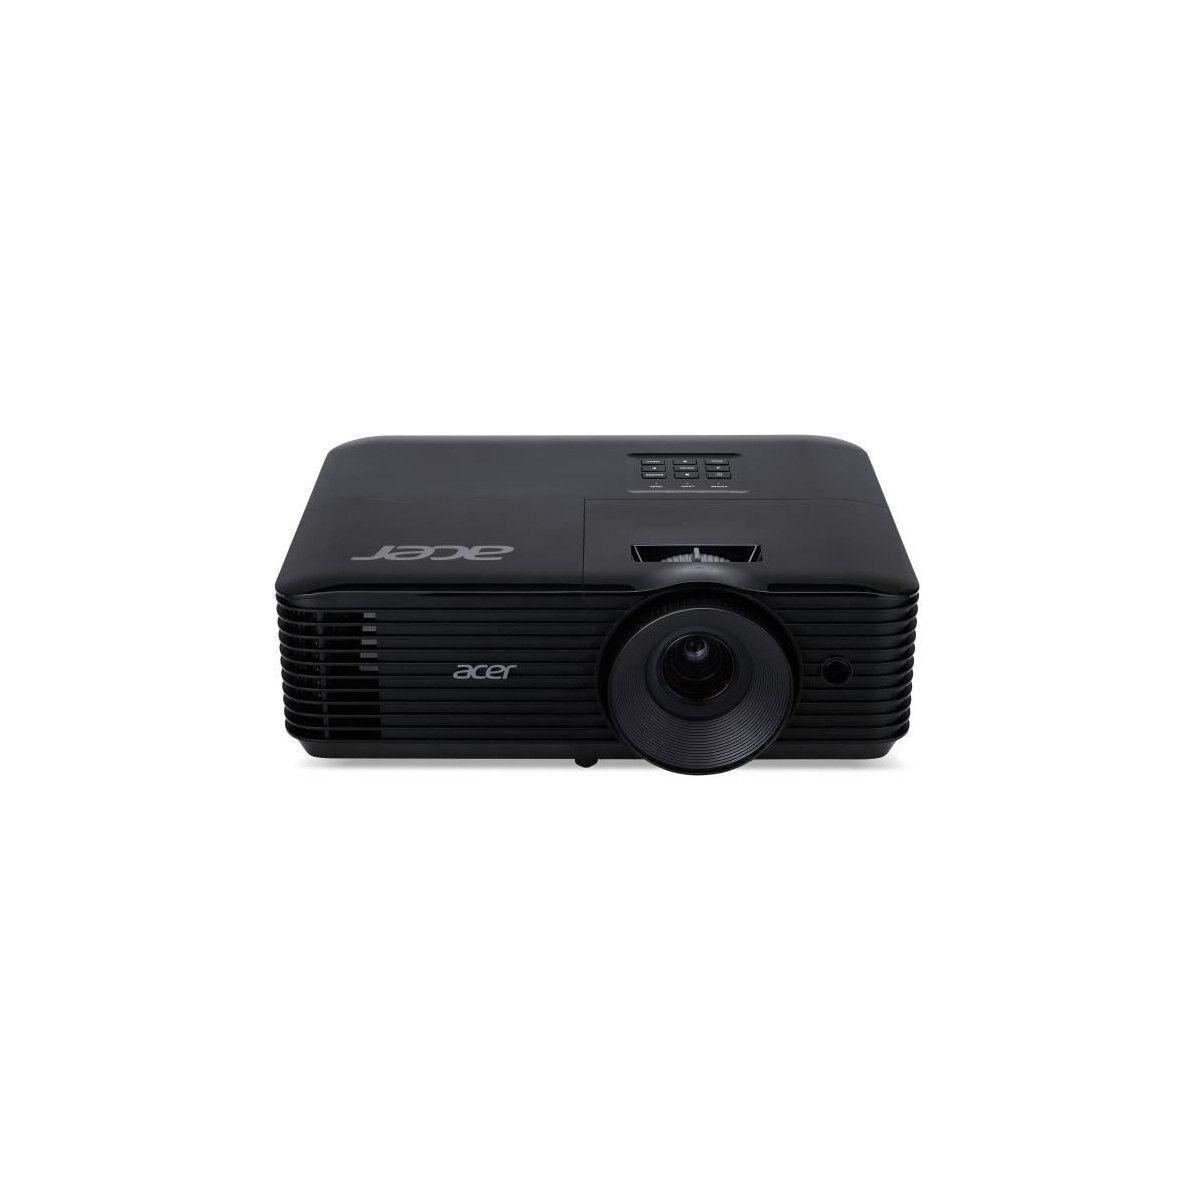 ACER BS-312 Videoprojecteur DLP 3D, WXGA, 3700Lm, 20000/1, HDMI